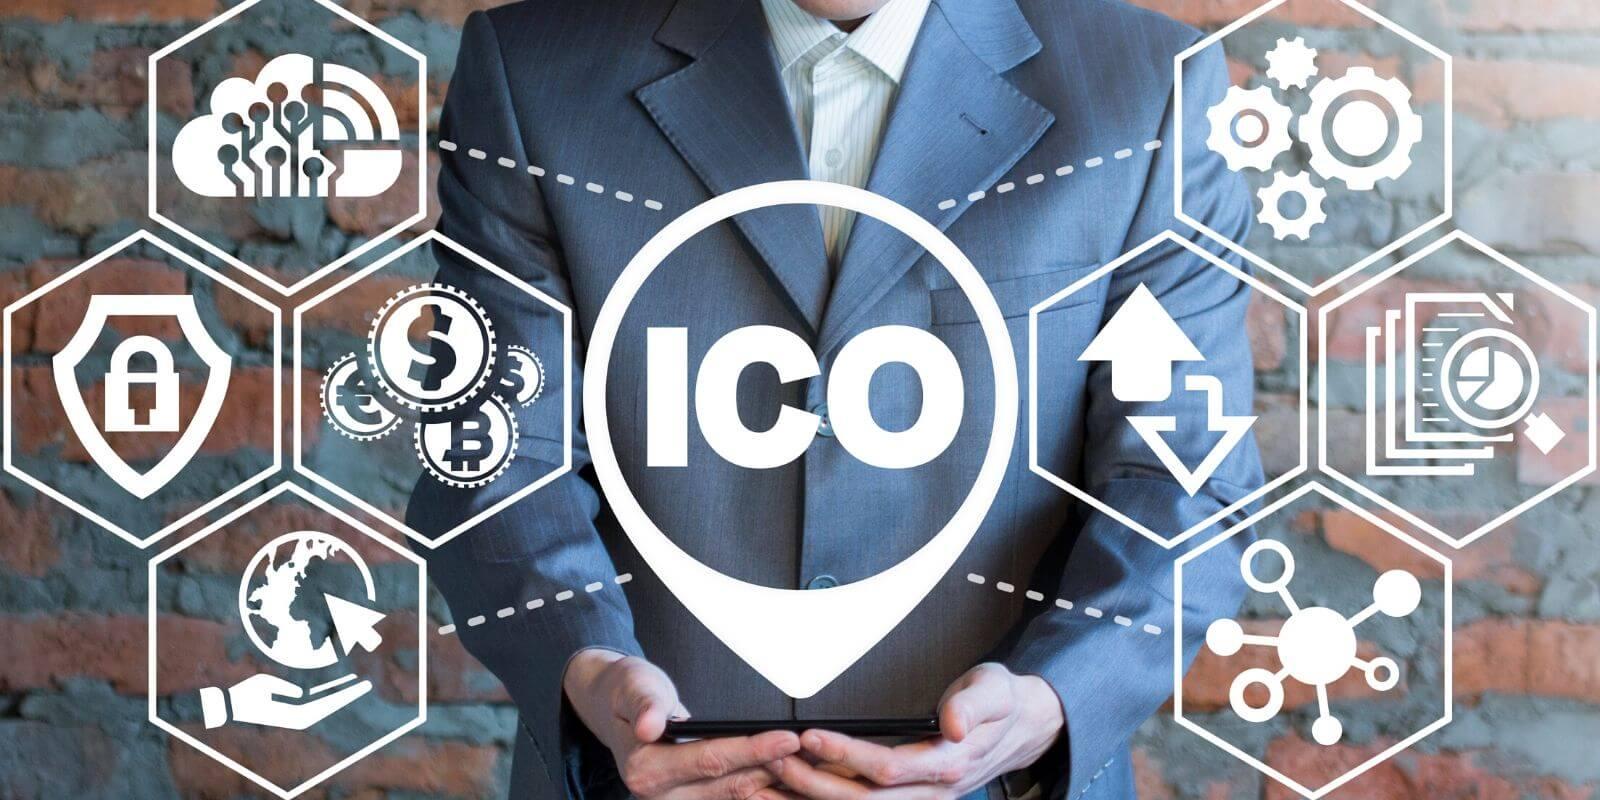 تعرف على أكبر 10 اكتتابات وعروض طرح أولي ICO في سوق الكريبتو ومكانها اليوم